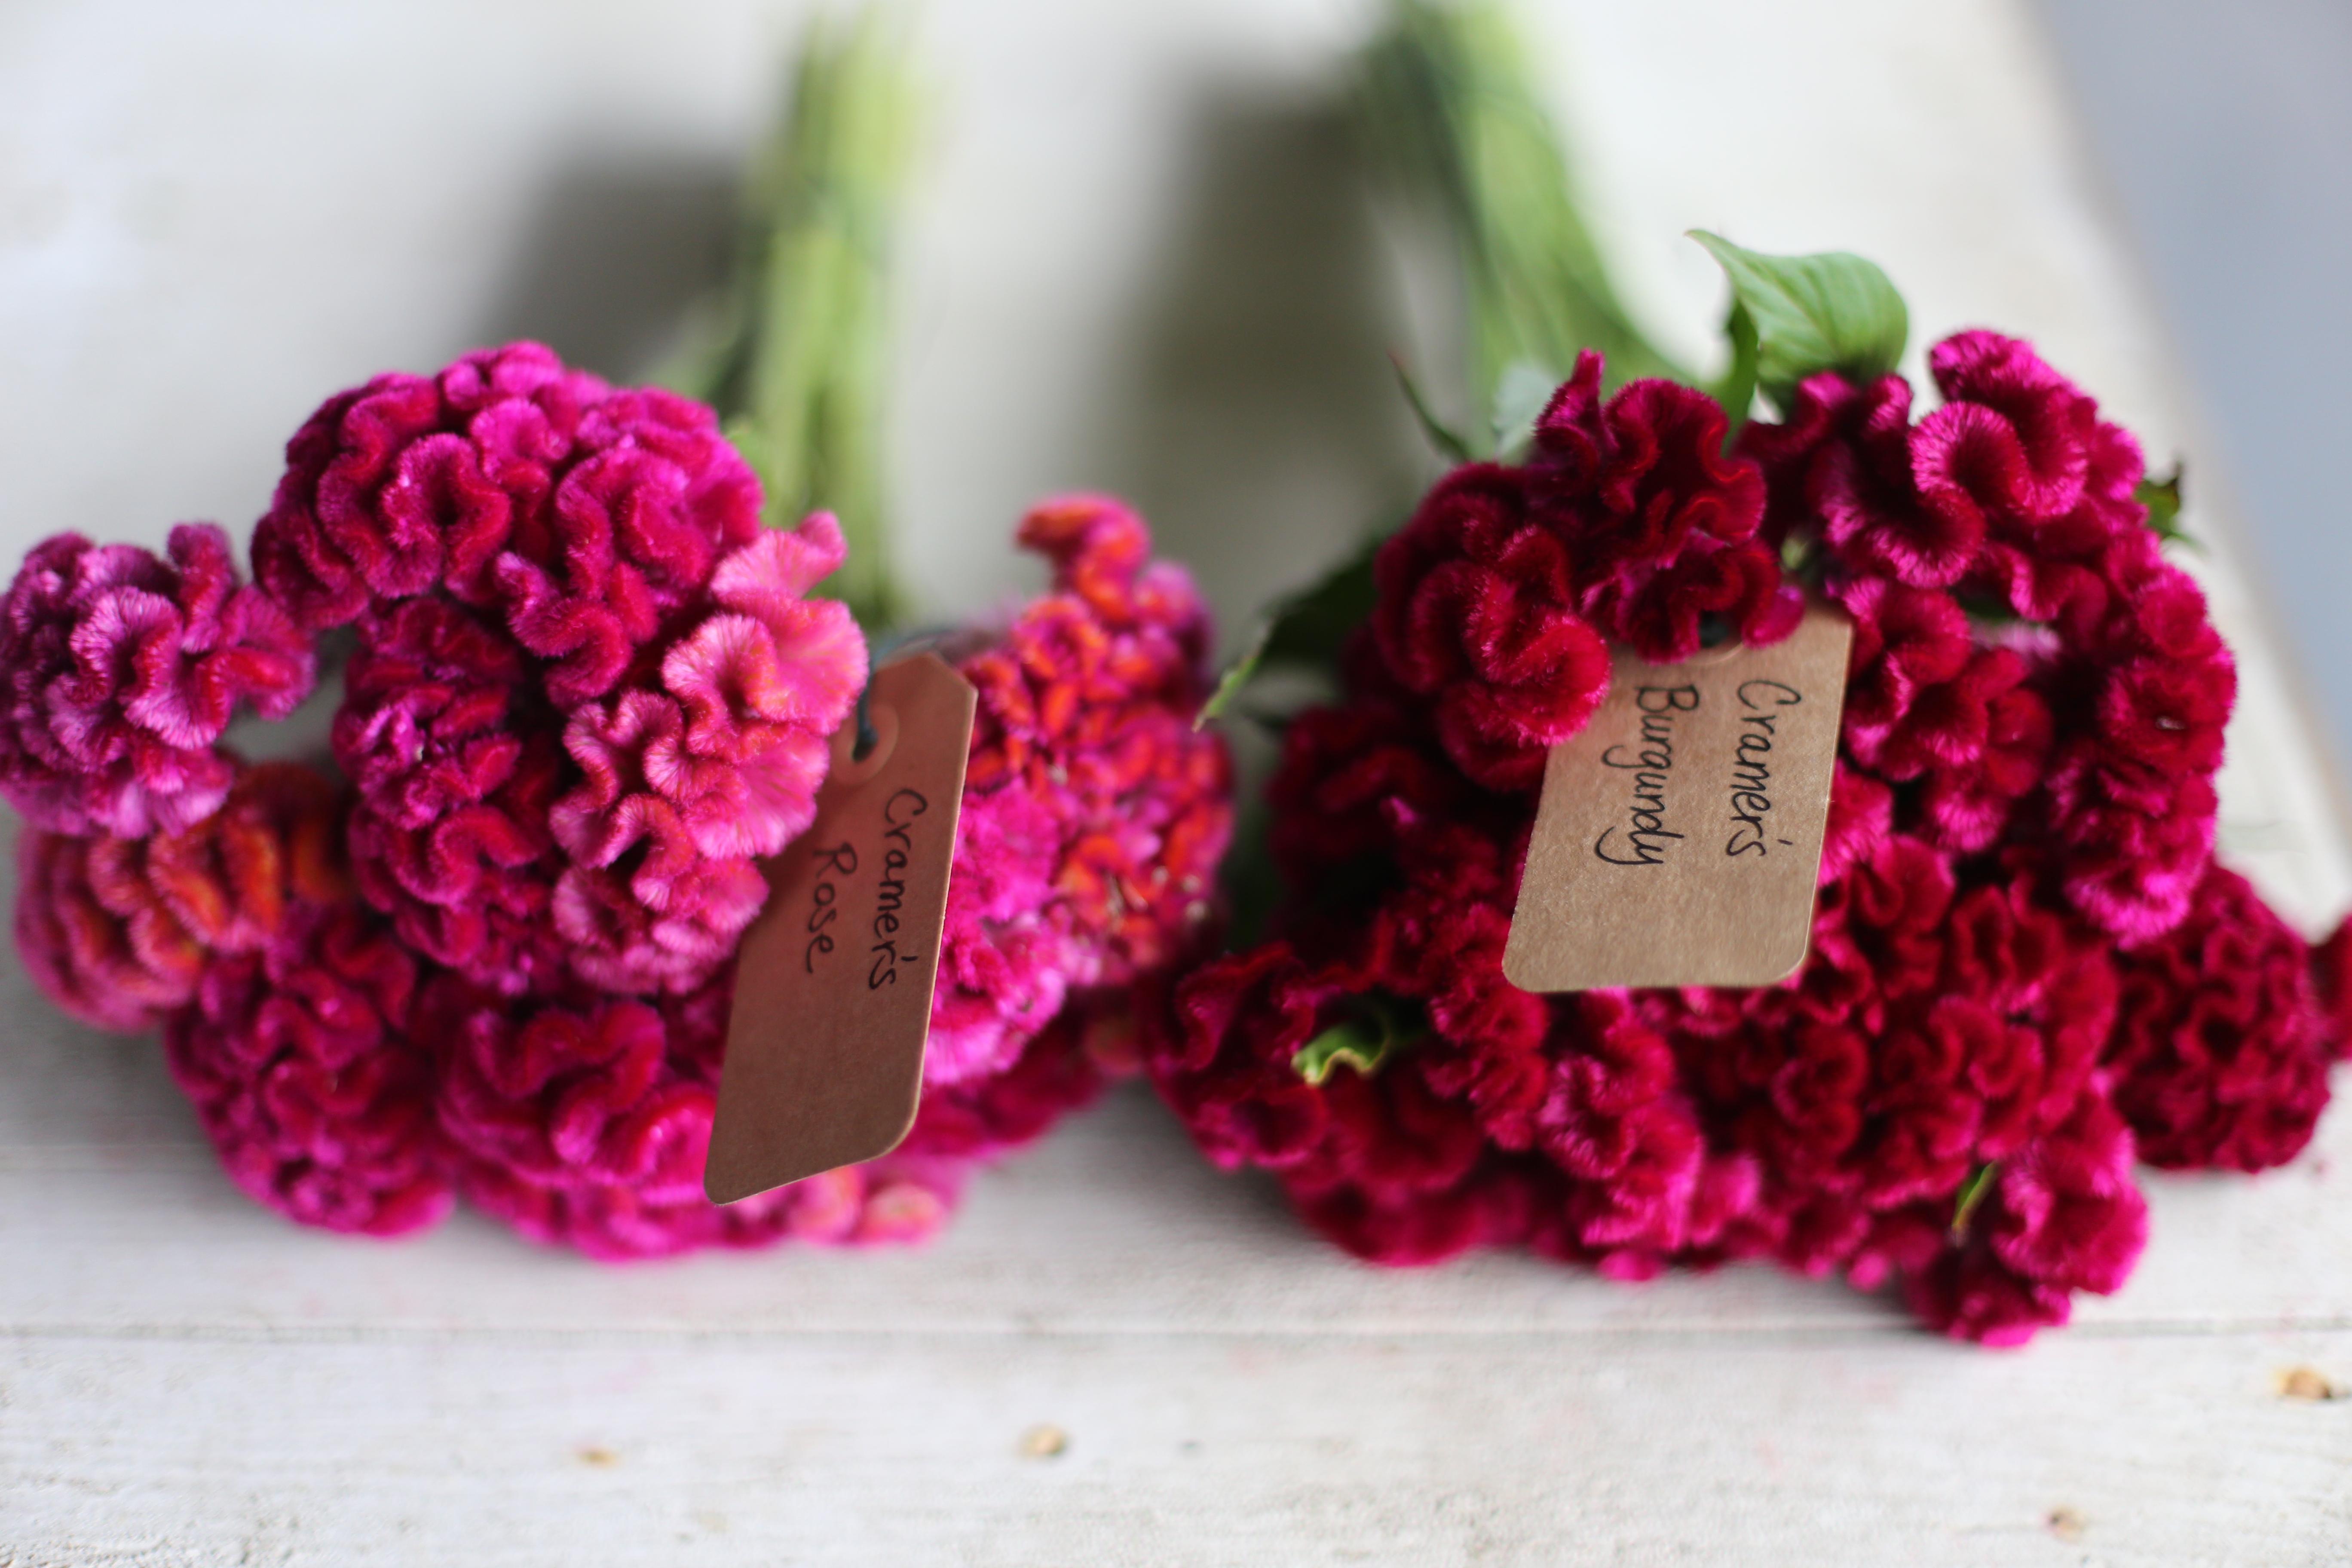 FLOWER FOCUS: Celosia - Floret Flowers